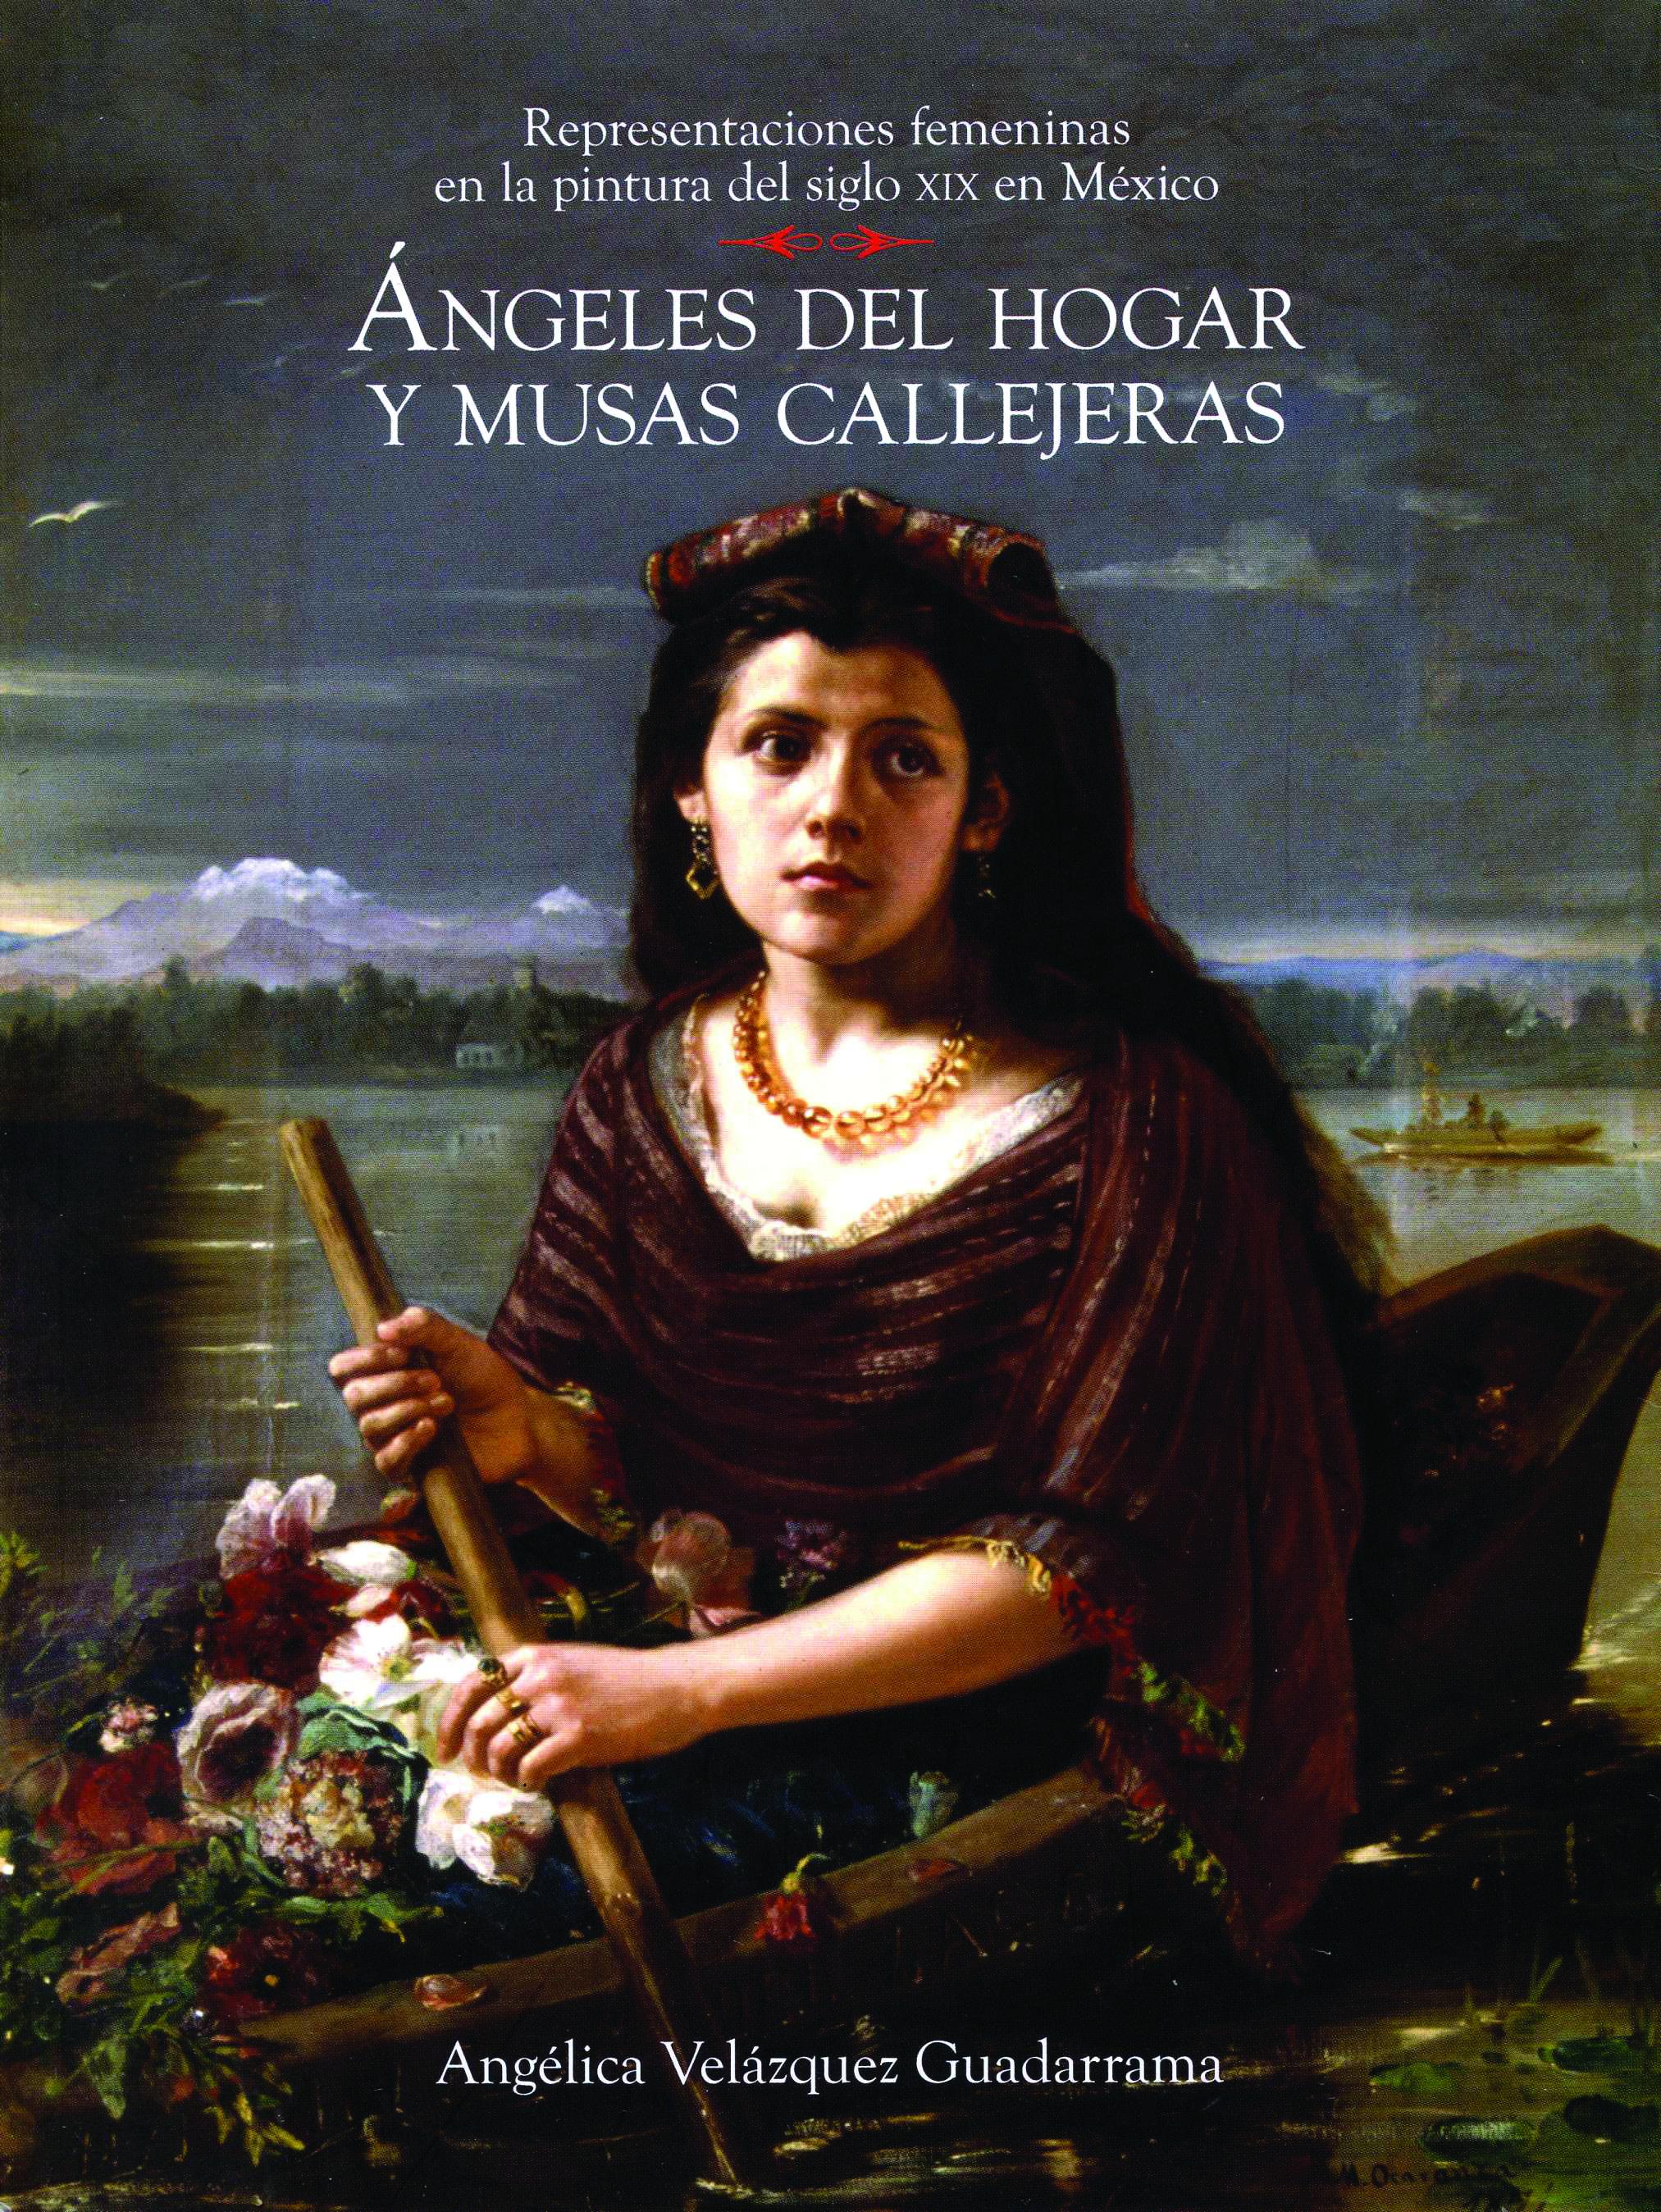 Representaciones femeninas en la pintura del siglo XIX en México: ángeles del hogar y musas